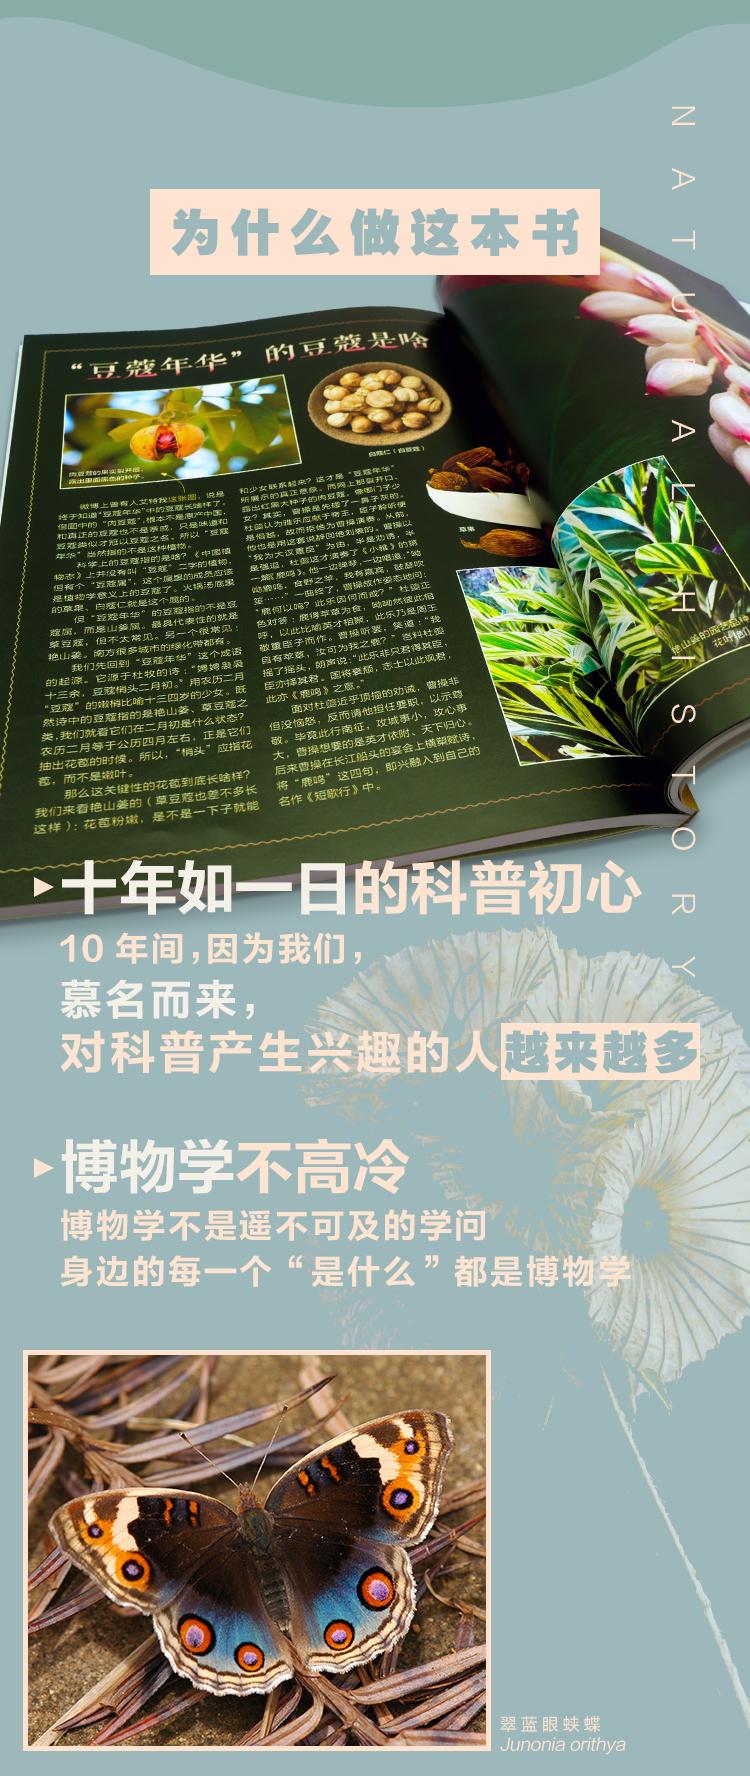 摩点页面_09.jpg